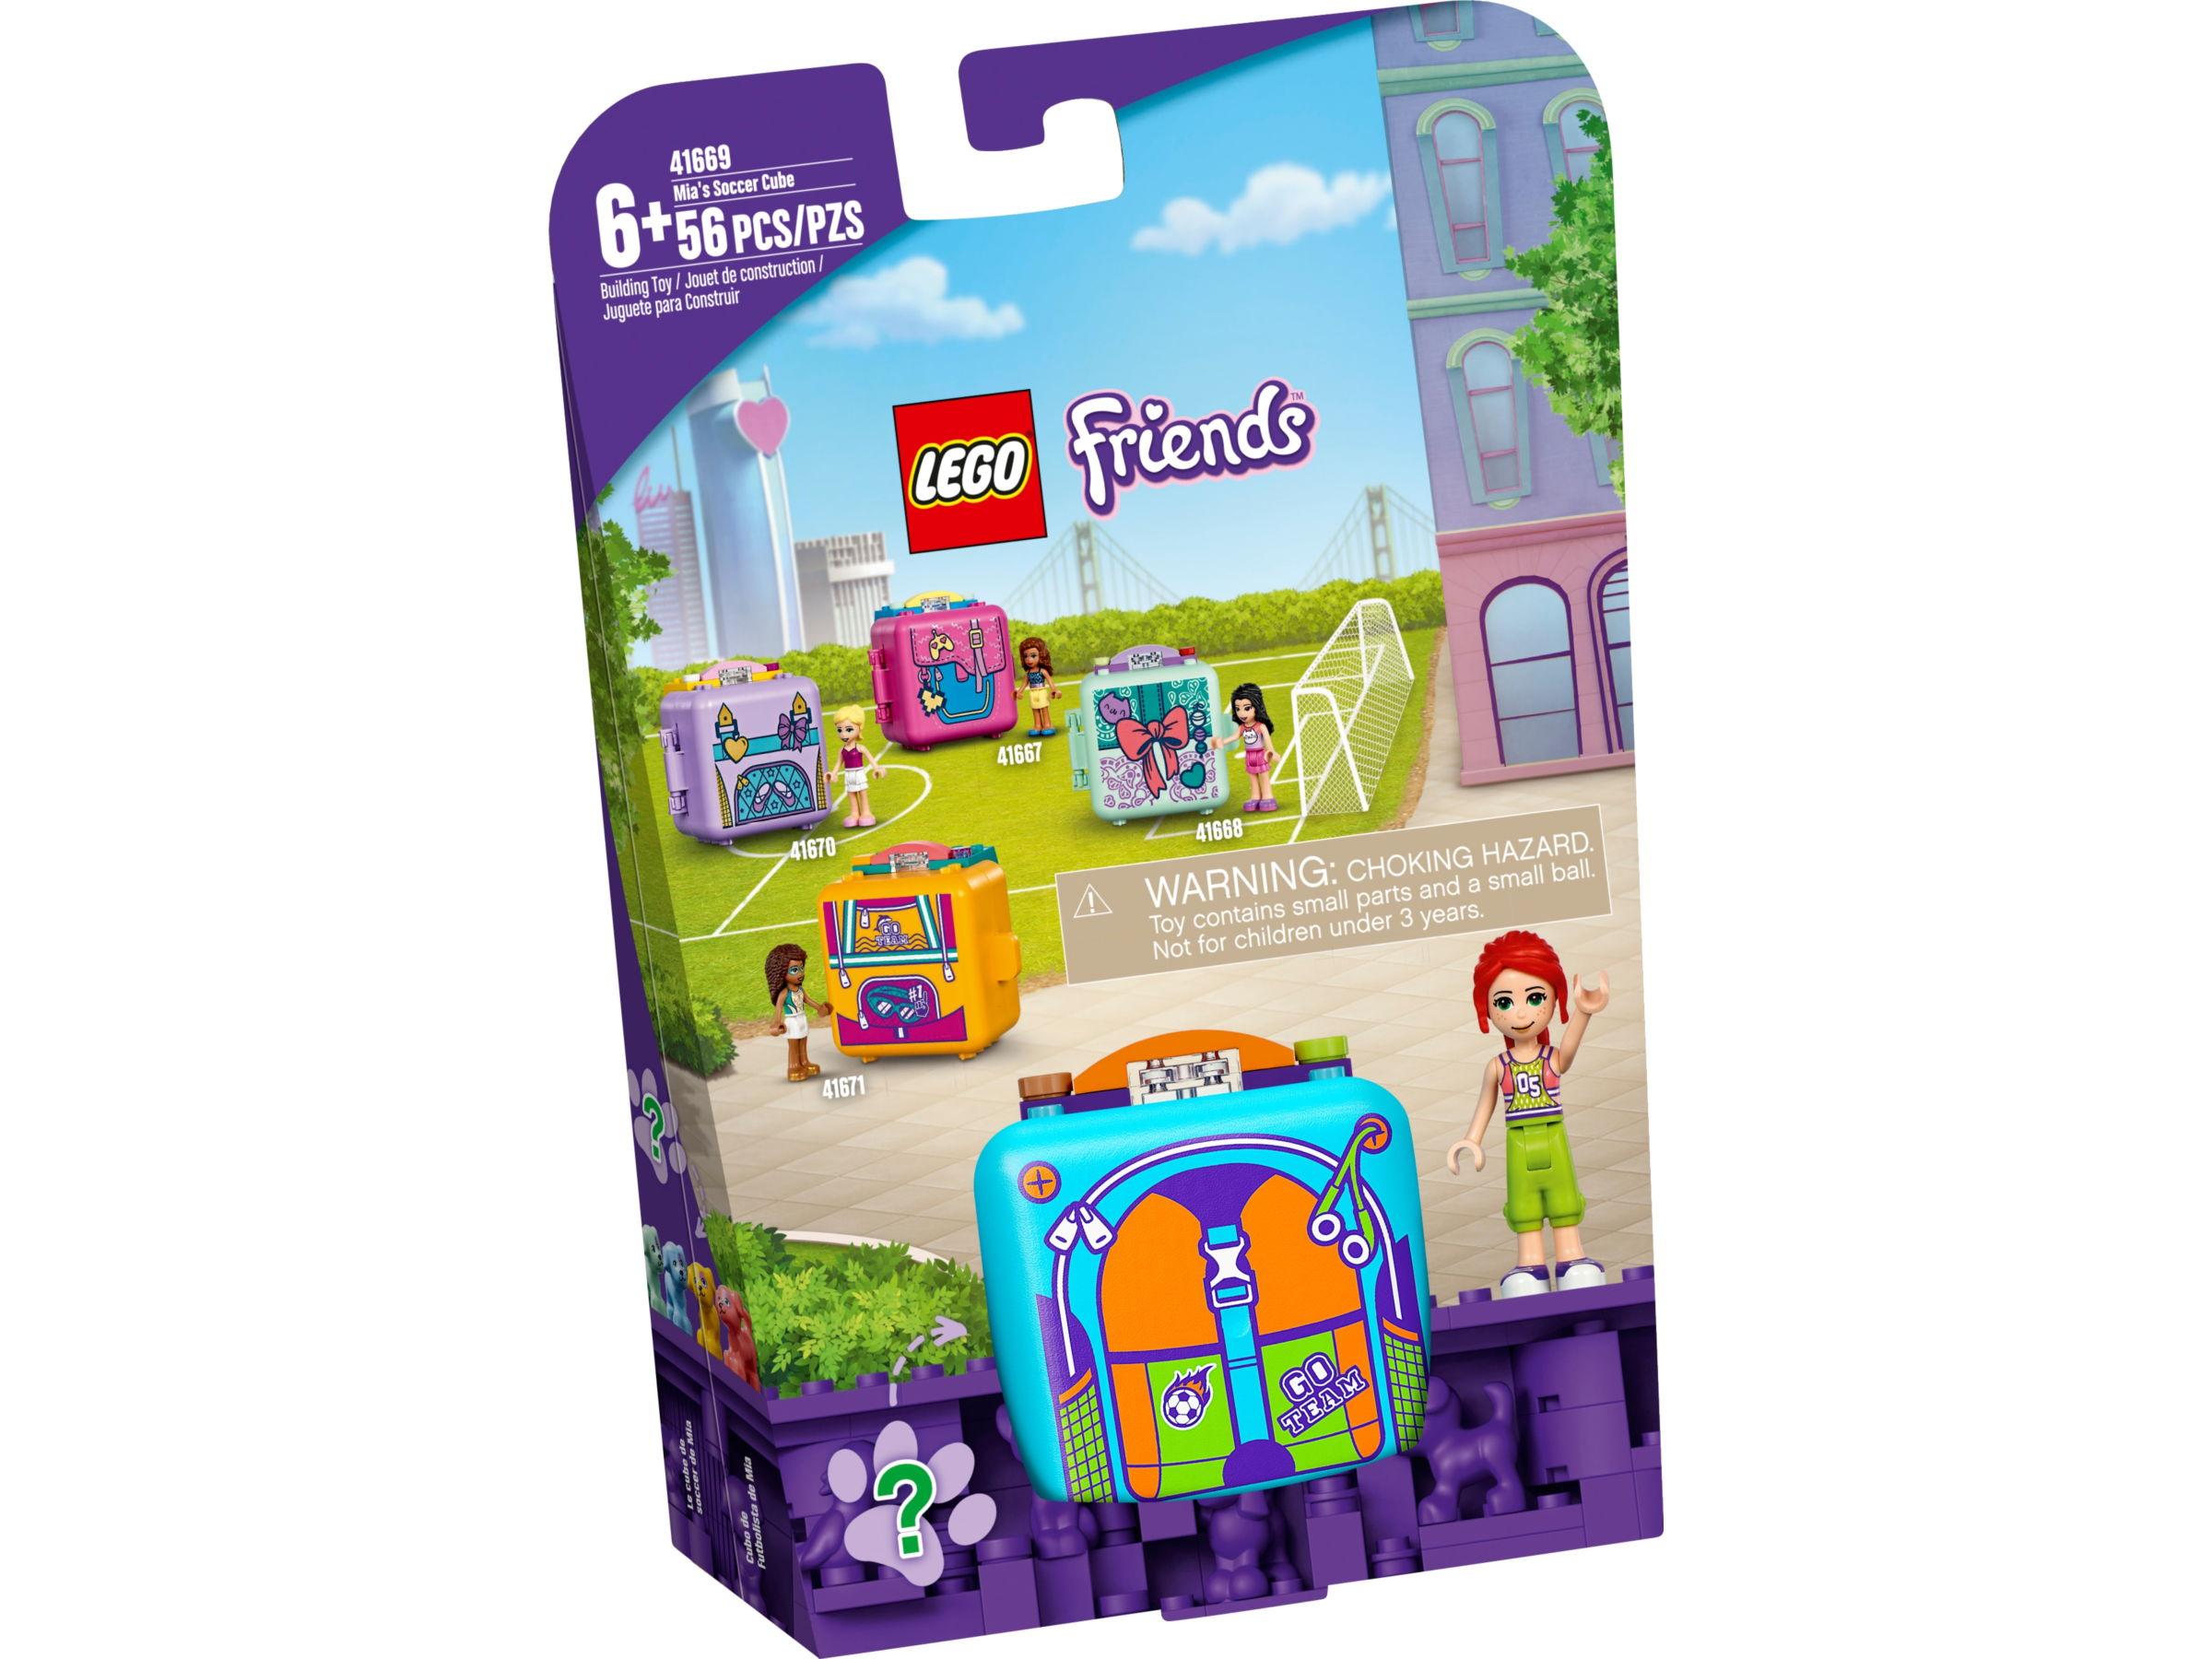 LEGO Friends 41669 Mia's voetbalkubus